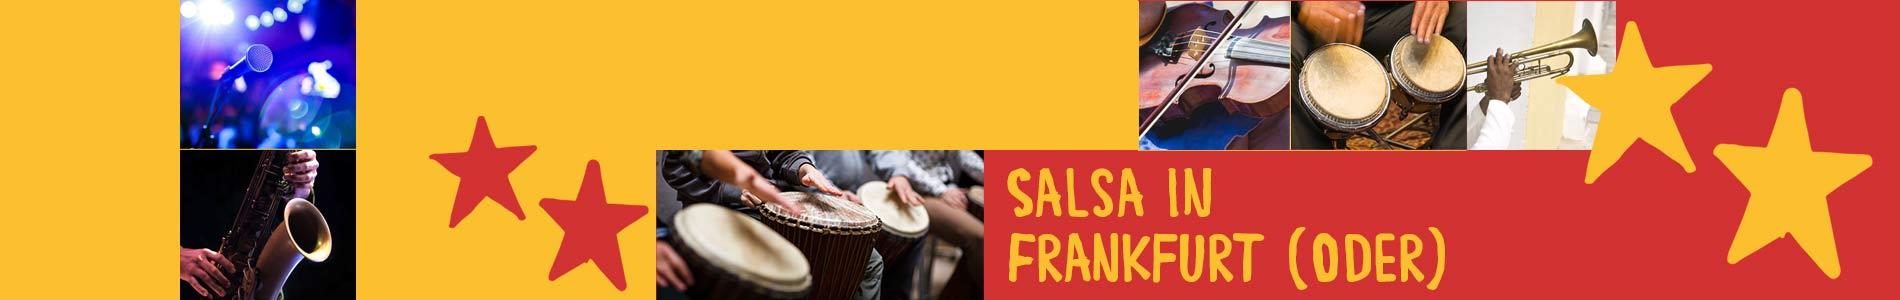 Salsa in Frankfurt (Oder) – Salsa lernen und tanzen, Tanzkurse, Partys, Veranstaltungen